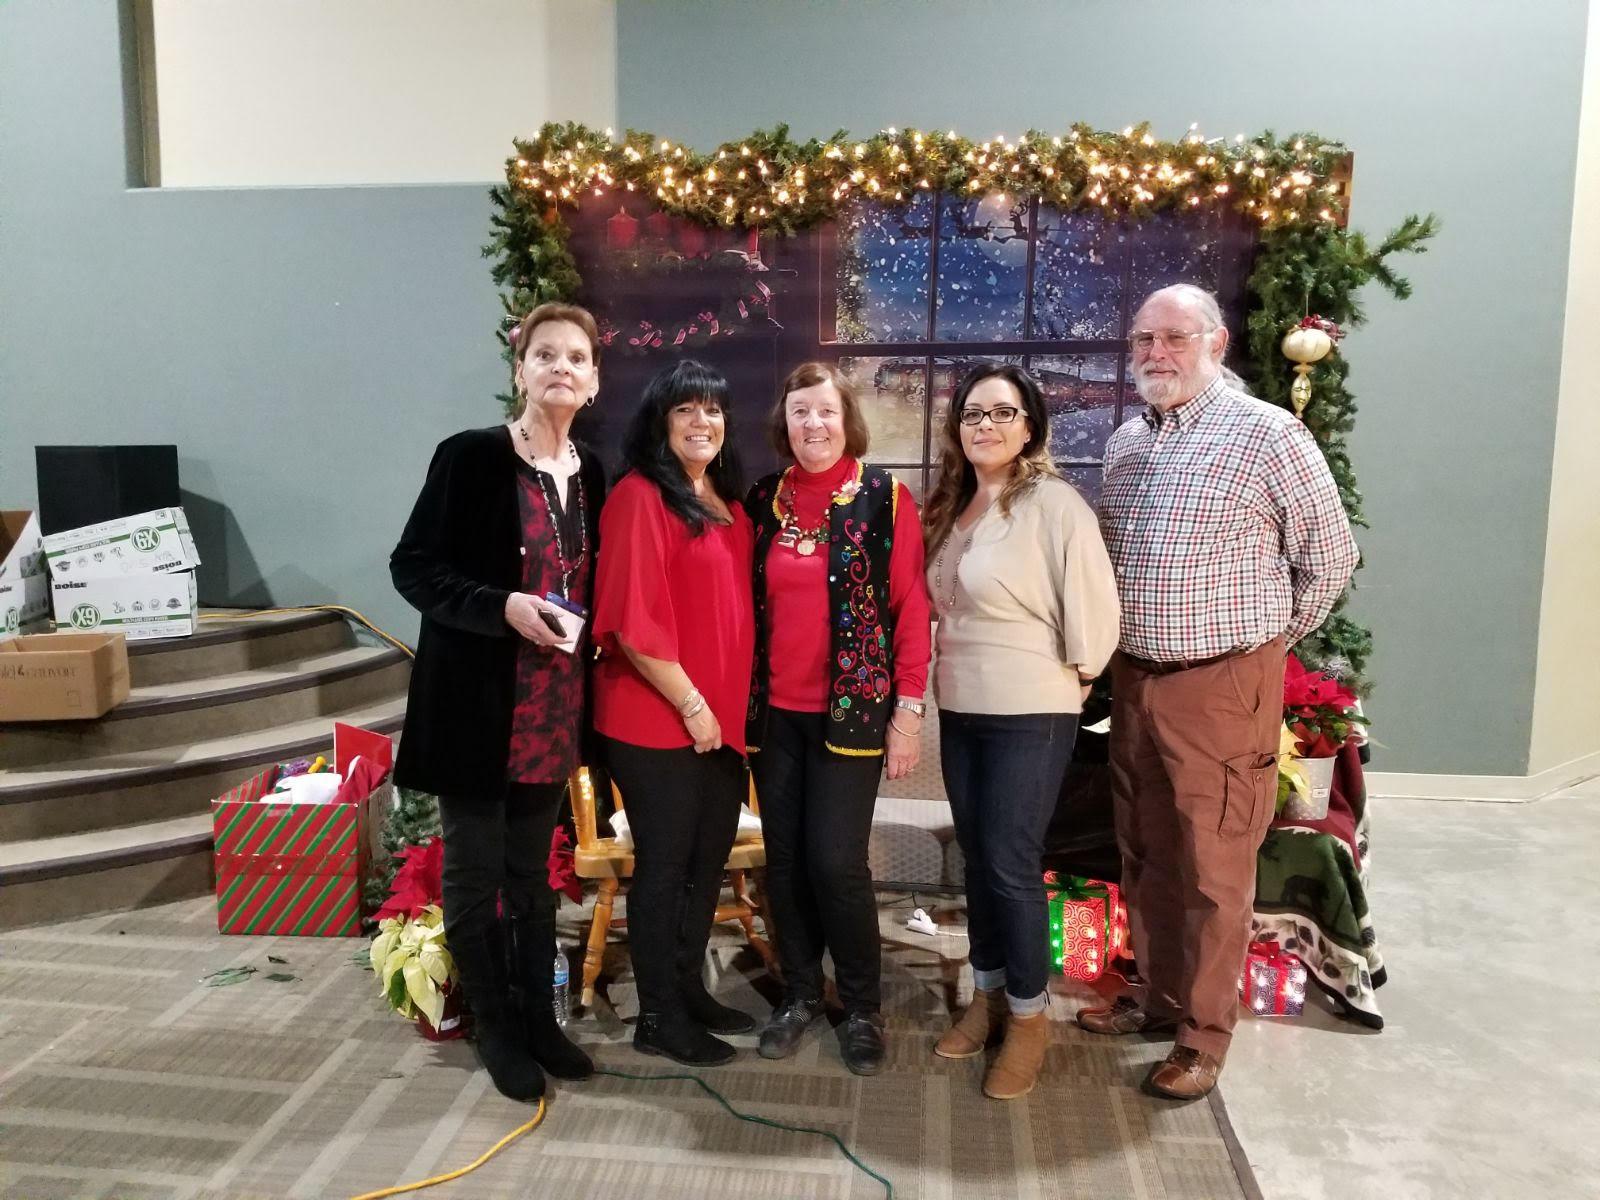 CASA Christmas Party Valencia County